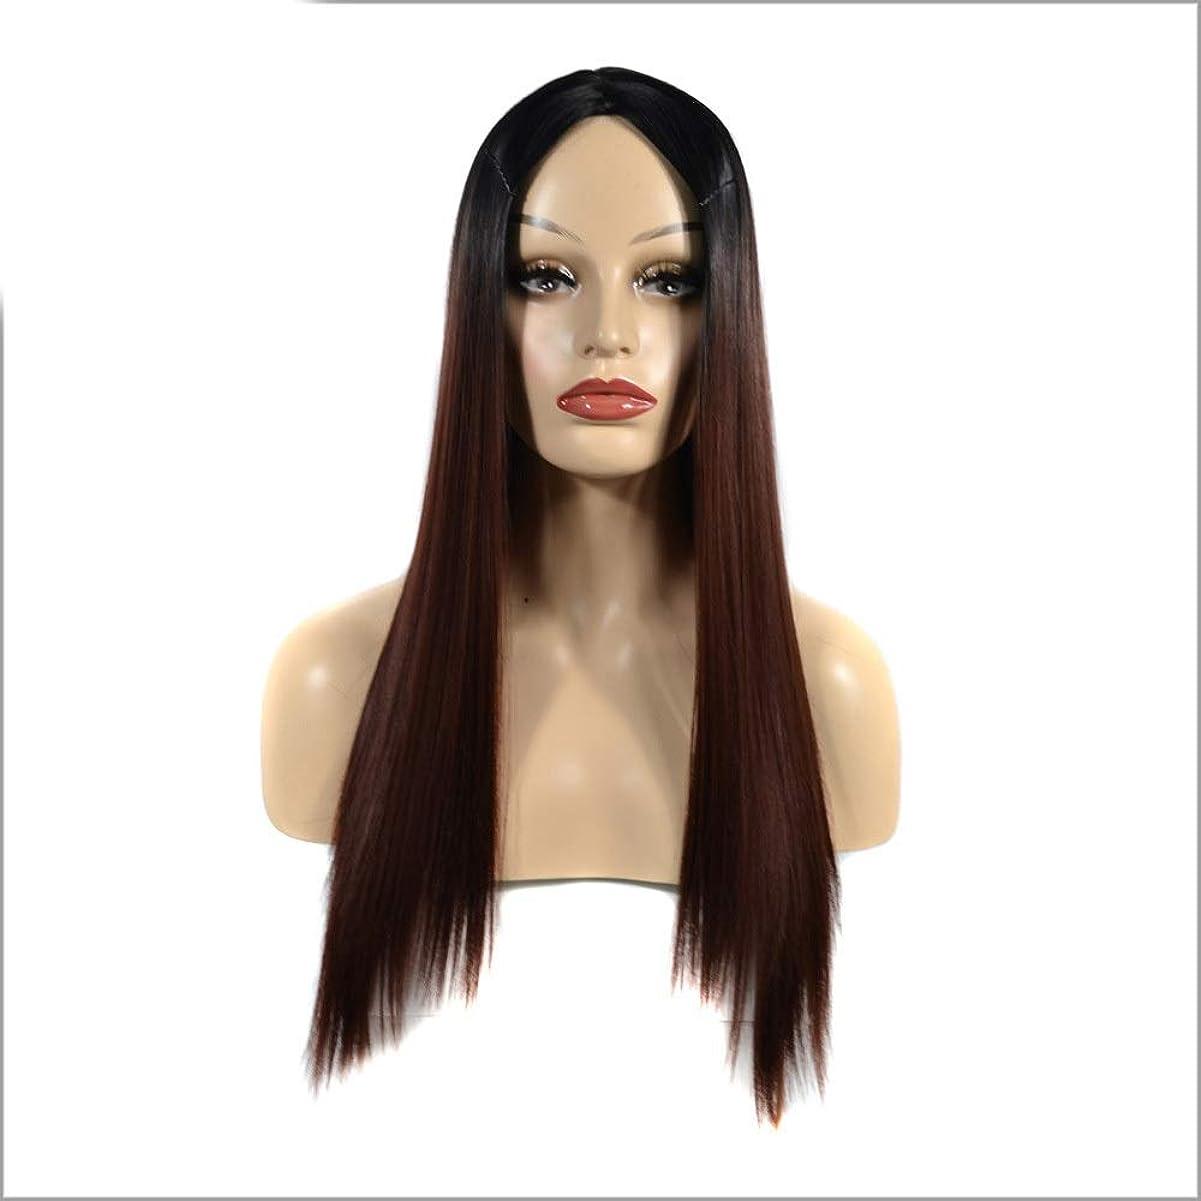 ファブリックラッカスコンセンサスBOBIDYEE 黒グラデーションブラウンロングストレートヘアミドルパート用女性コスプレパーティードレス合成髪レースかつらロールプレイングかつらロングとショート女性自然 (色 : ブラウン, サイズ : 60cm)